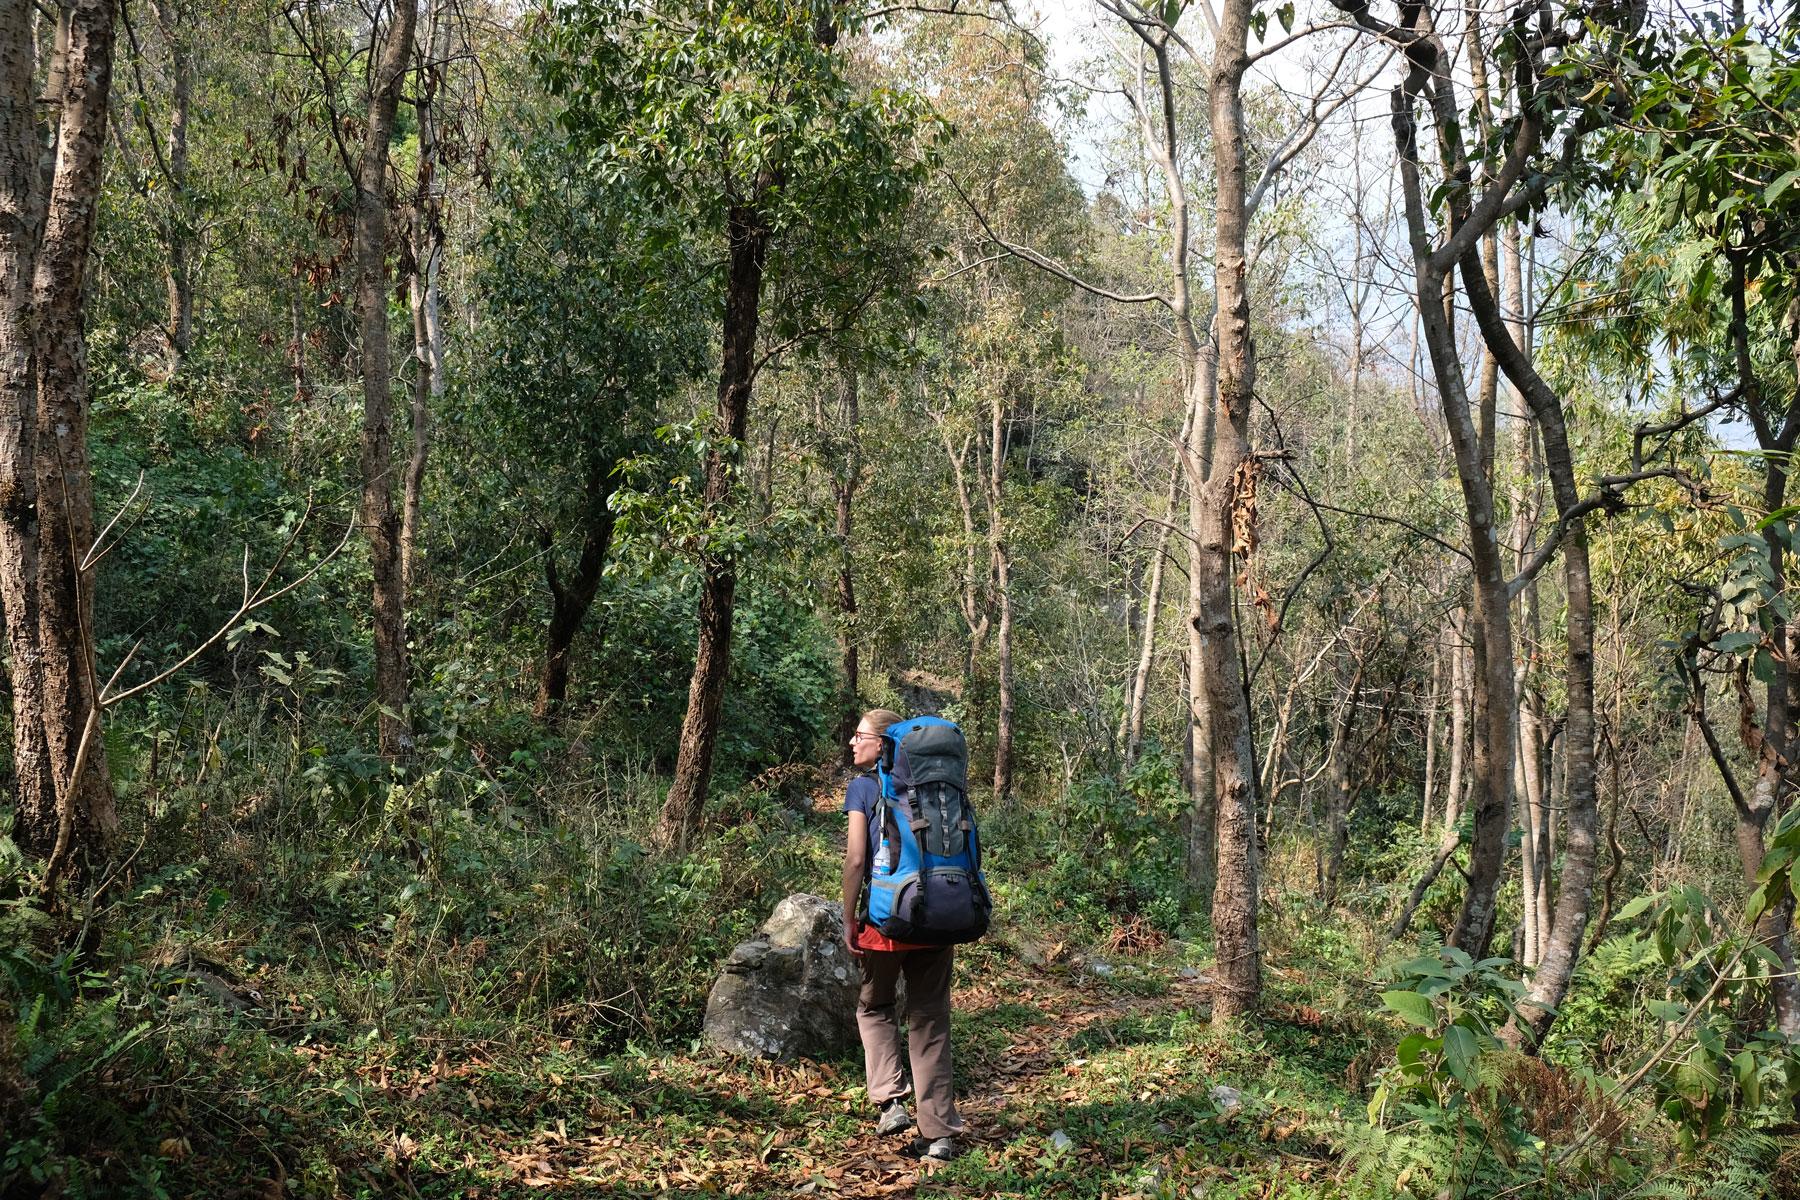 Leo wandert mit großem Rucksack durch einen Wald.